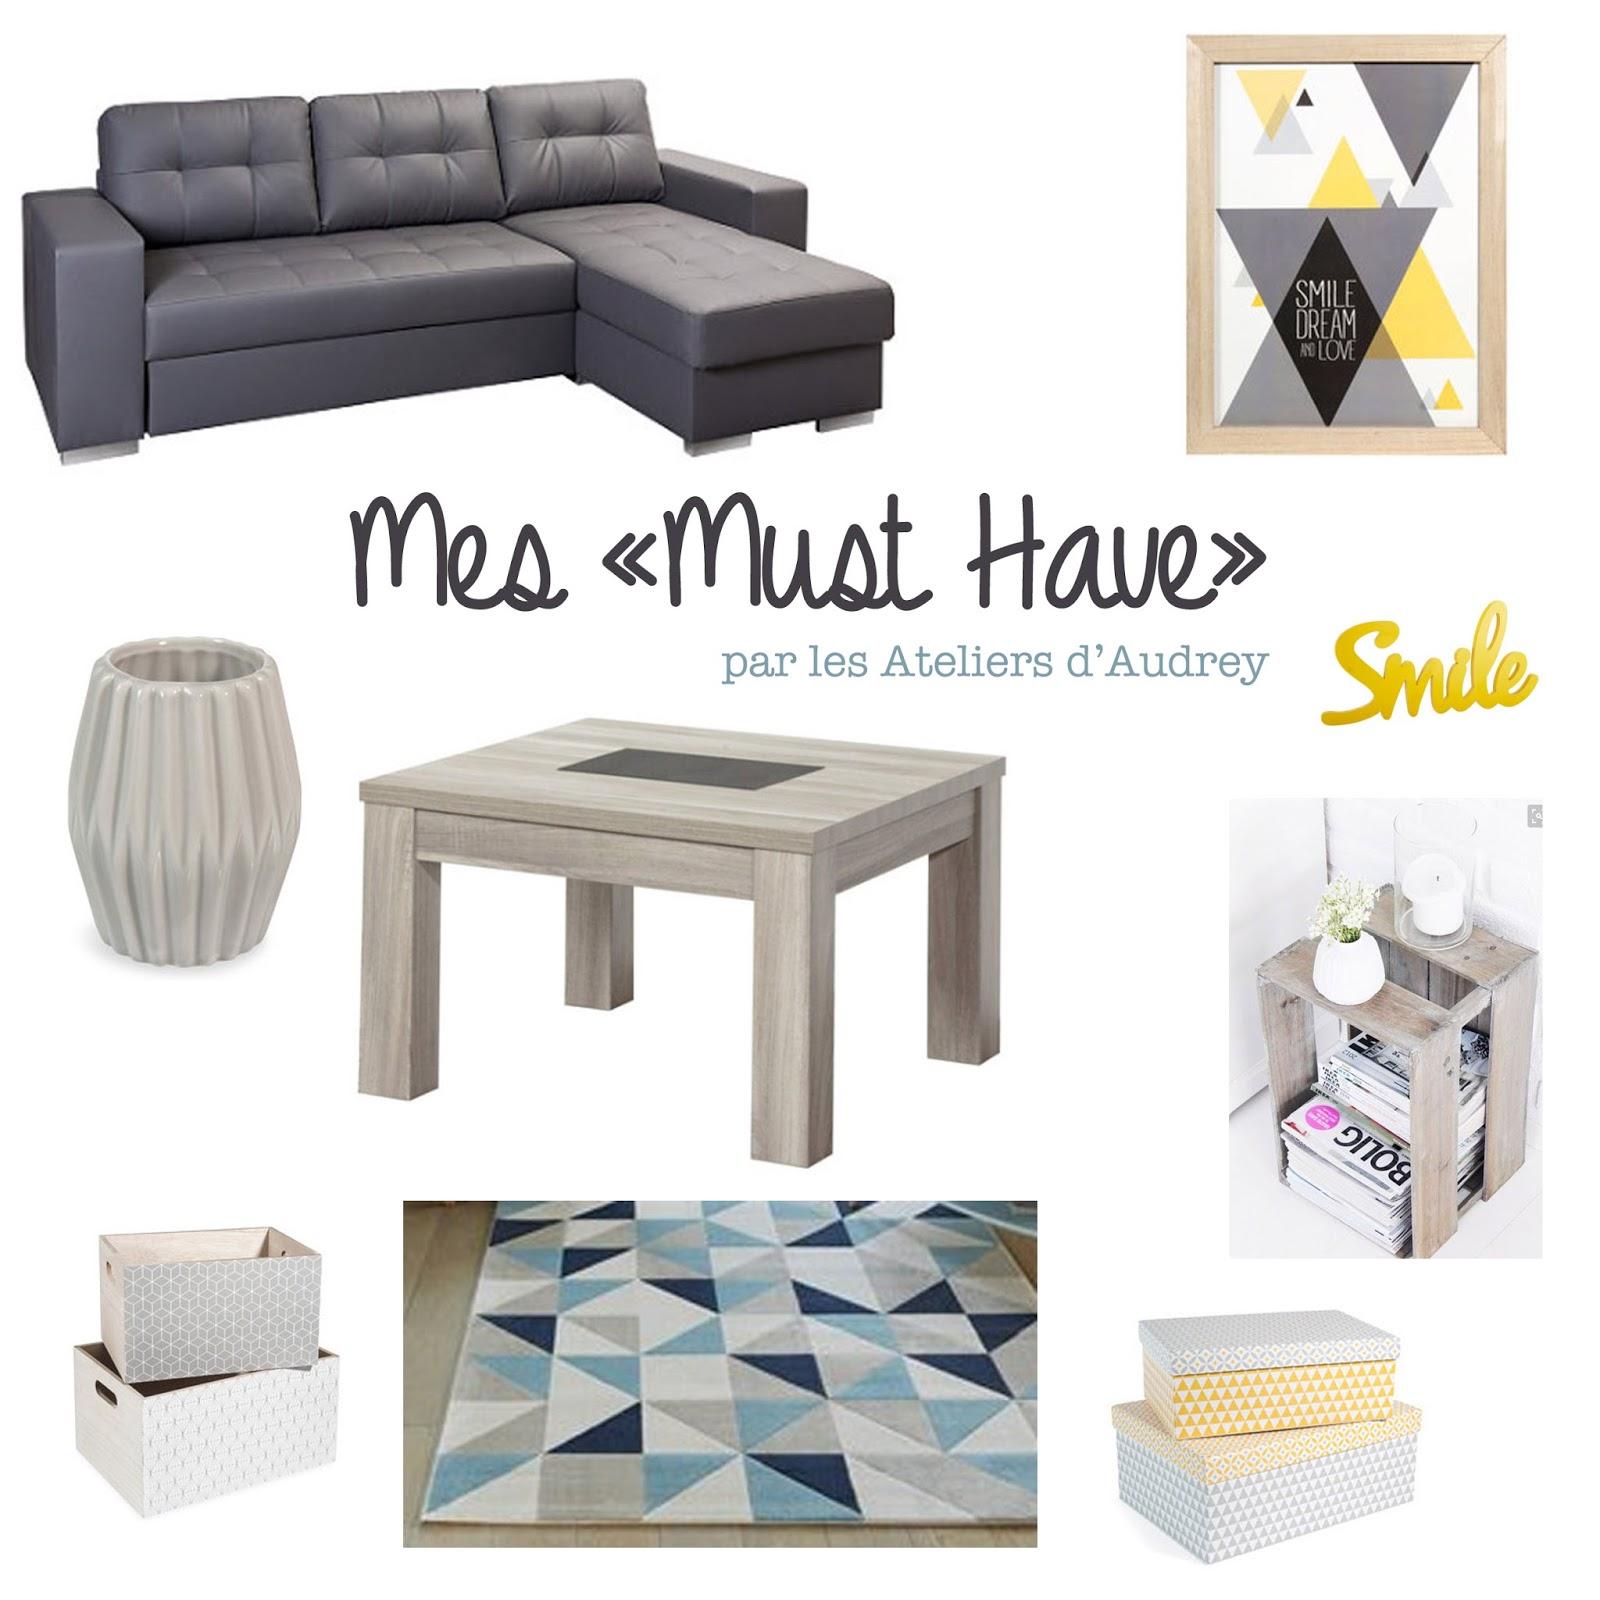 the audrey workshops ateliers vente de produits scrap. Black Bedroom Furniture Sets. Home Design Ideas